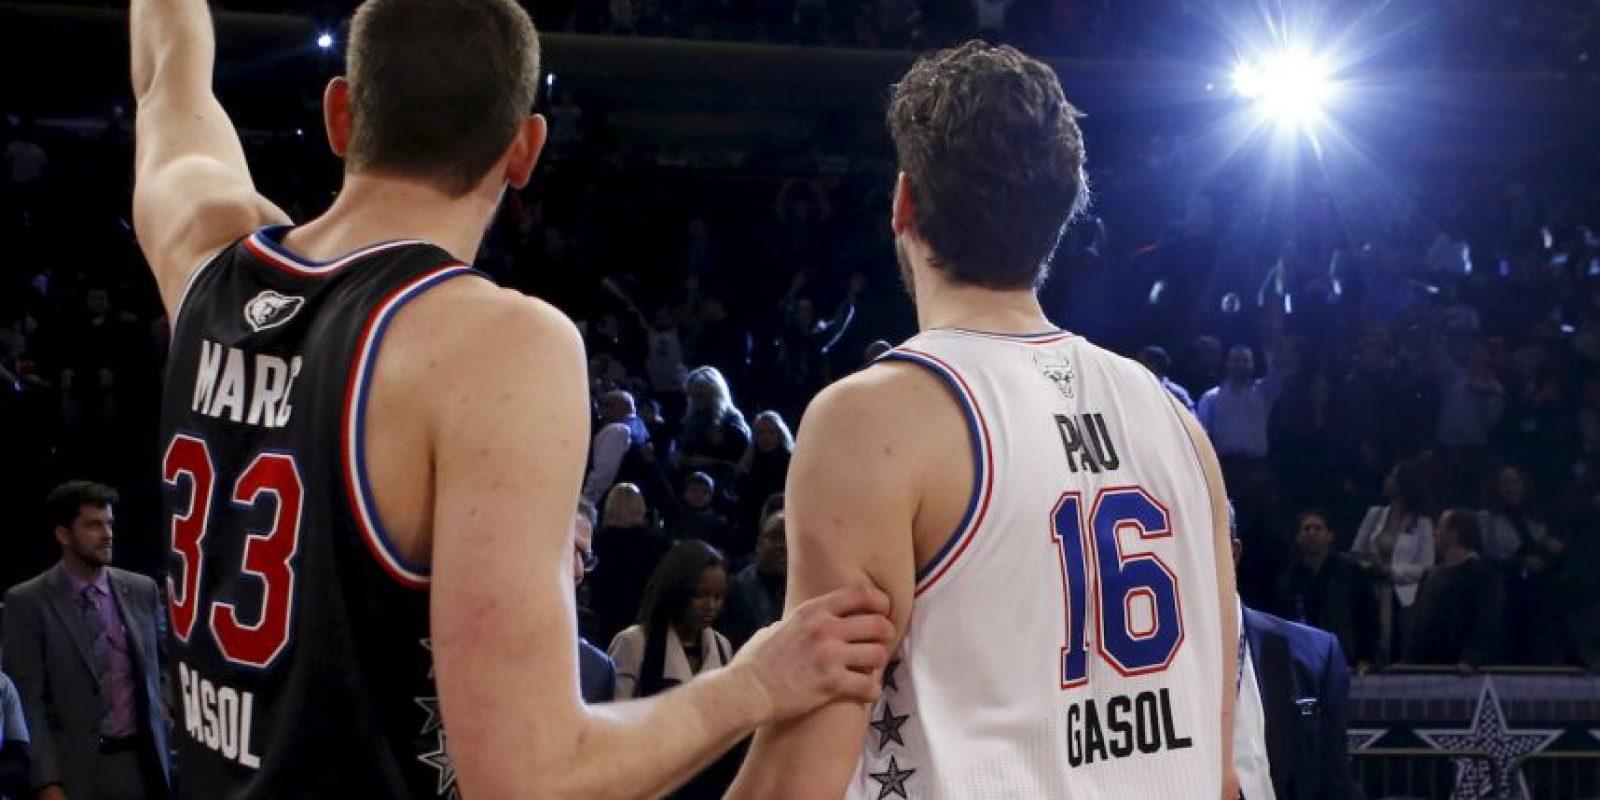 Los hermanos Marc y Pau Gasol fueron titulares en el Oeste y Este, respectivamente Foto:AP